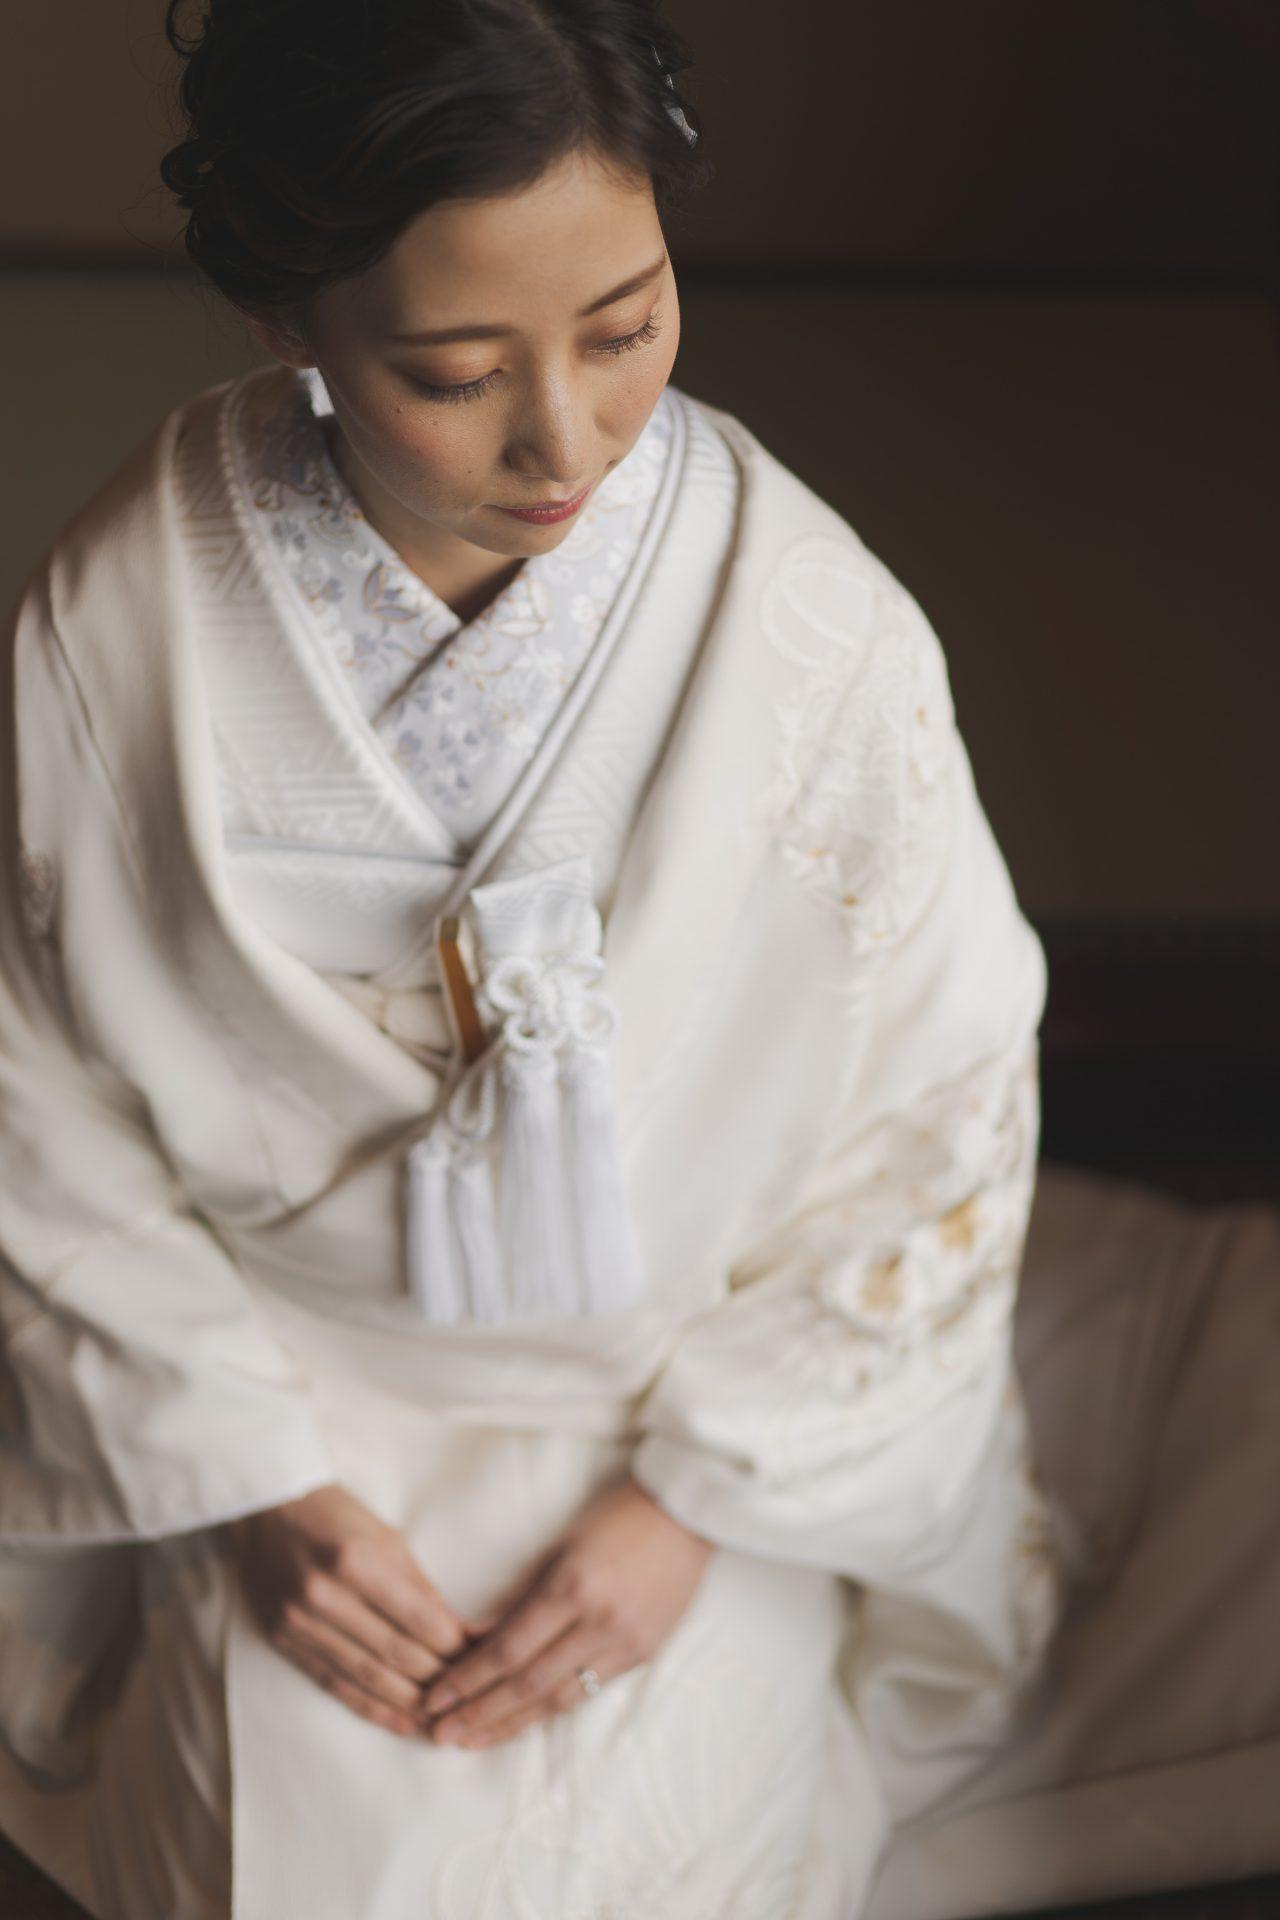 上品な鶴とお花の金刺繍が施されたザトリートドレッシング京都店にてお取り扱いをしている白無垢での前撮り